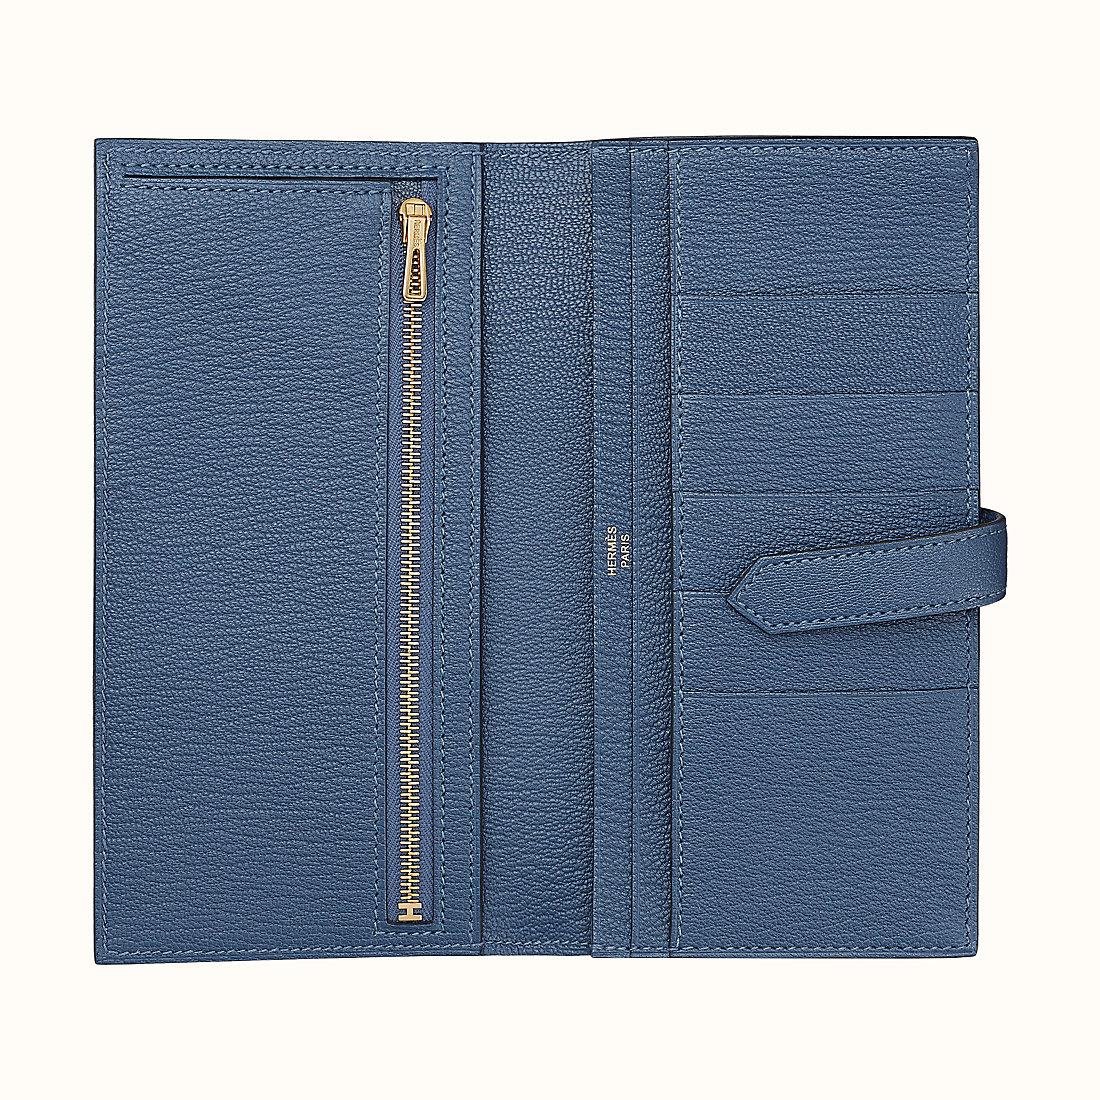 西貢區愛馬仕錢包價格多少錢 Hermes Bearn wallet CC7E Bleu Brighton